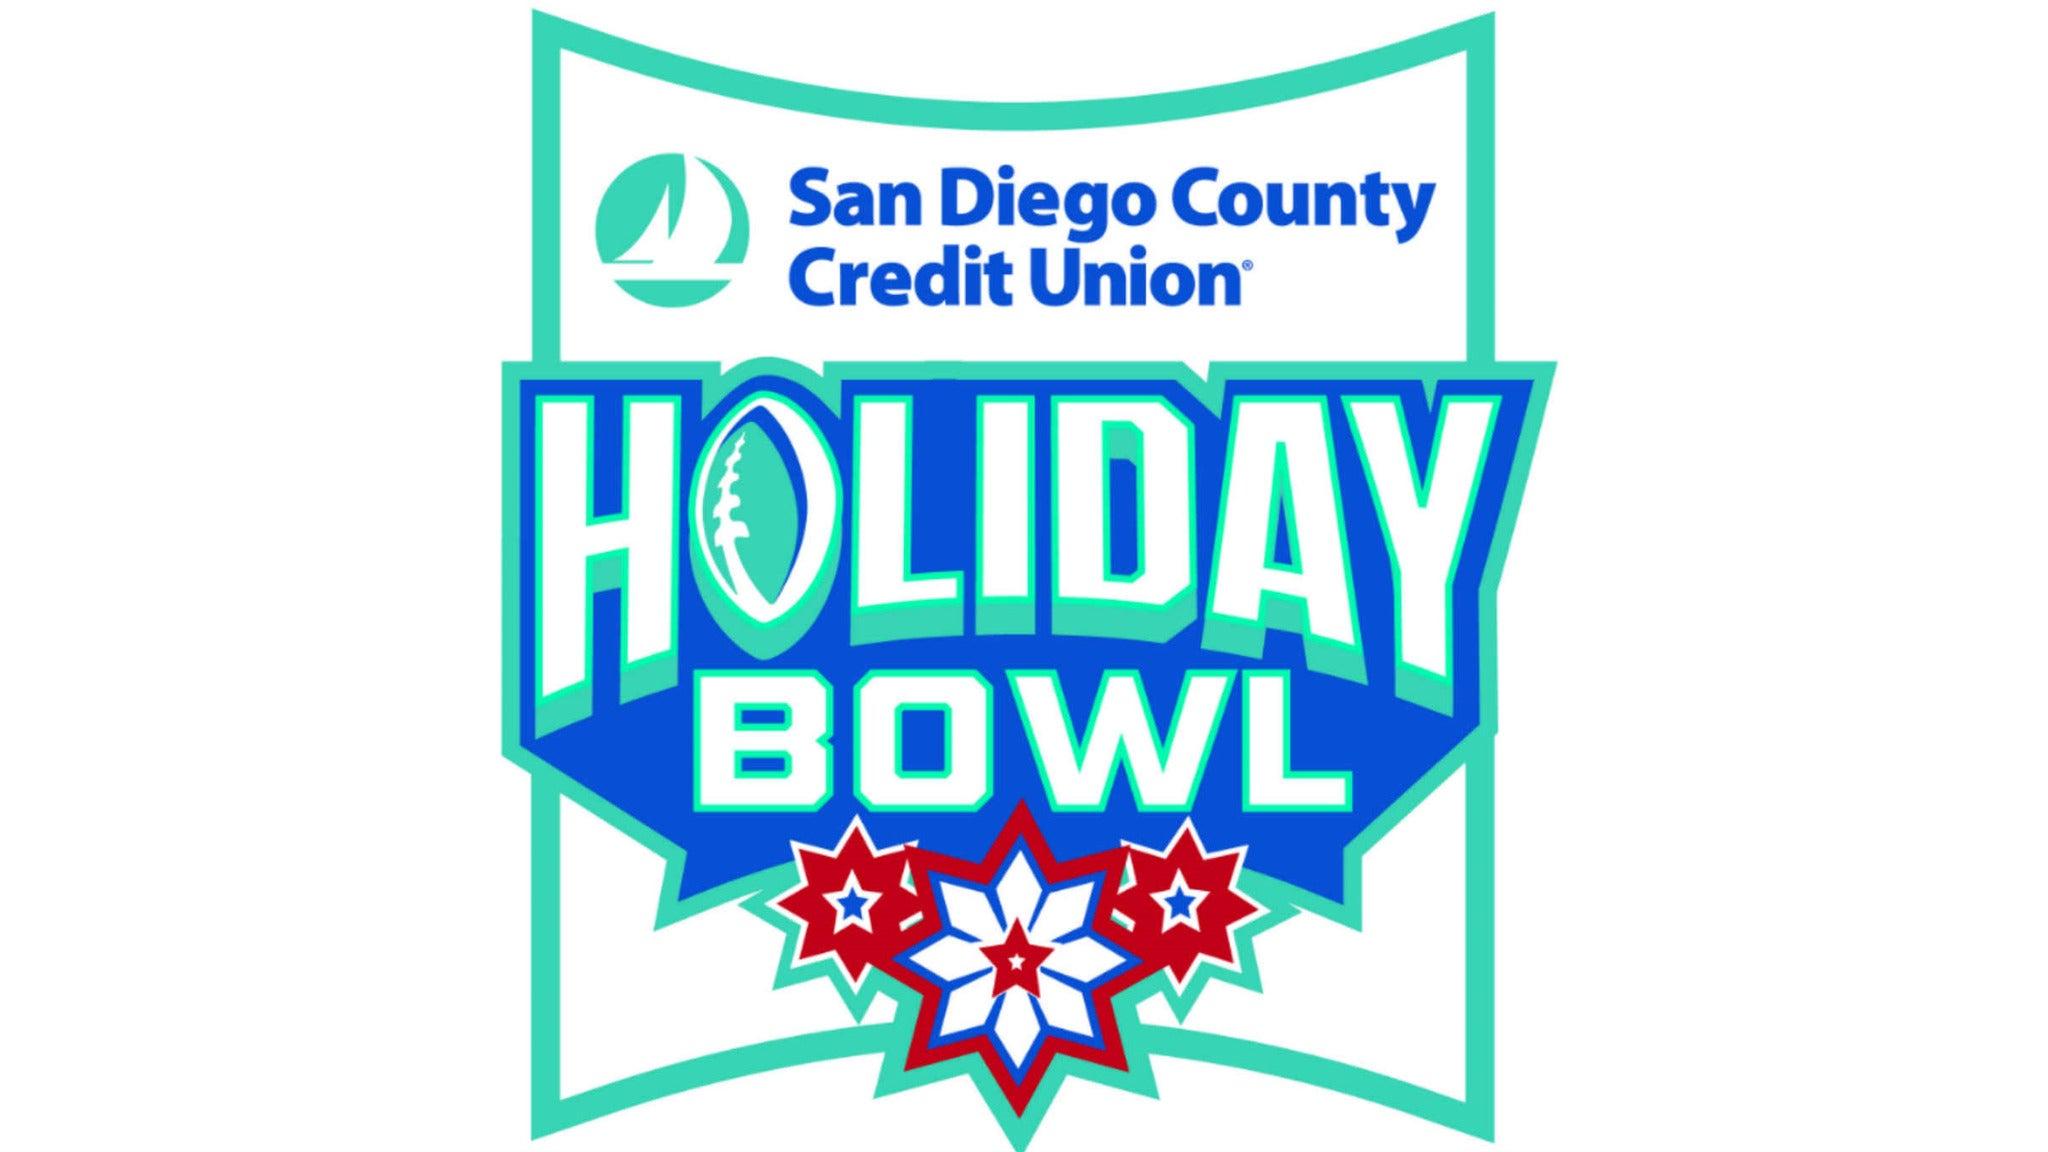 San Diego County Credit Union Holiday Bowl - San Diego, CA 92108